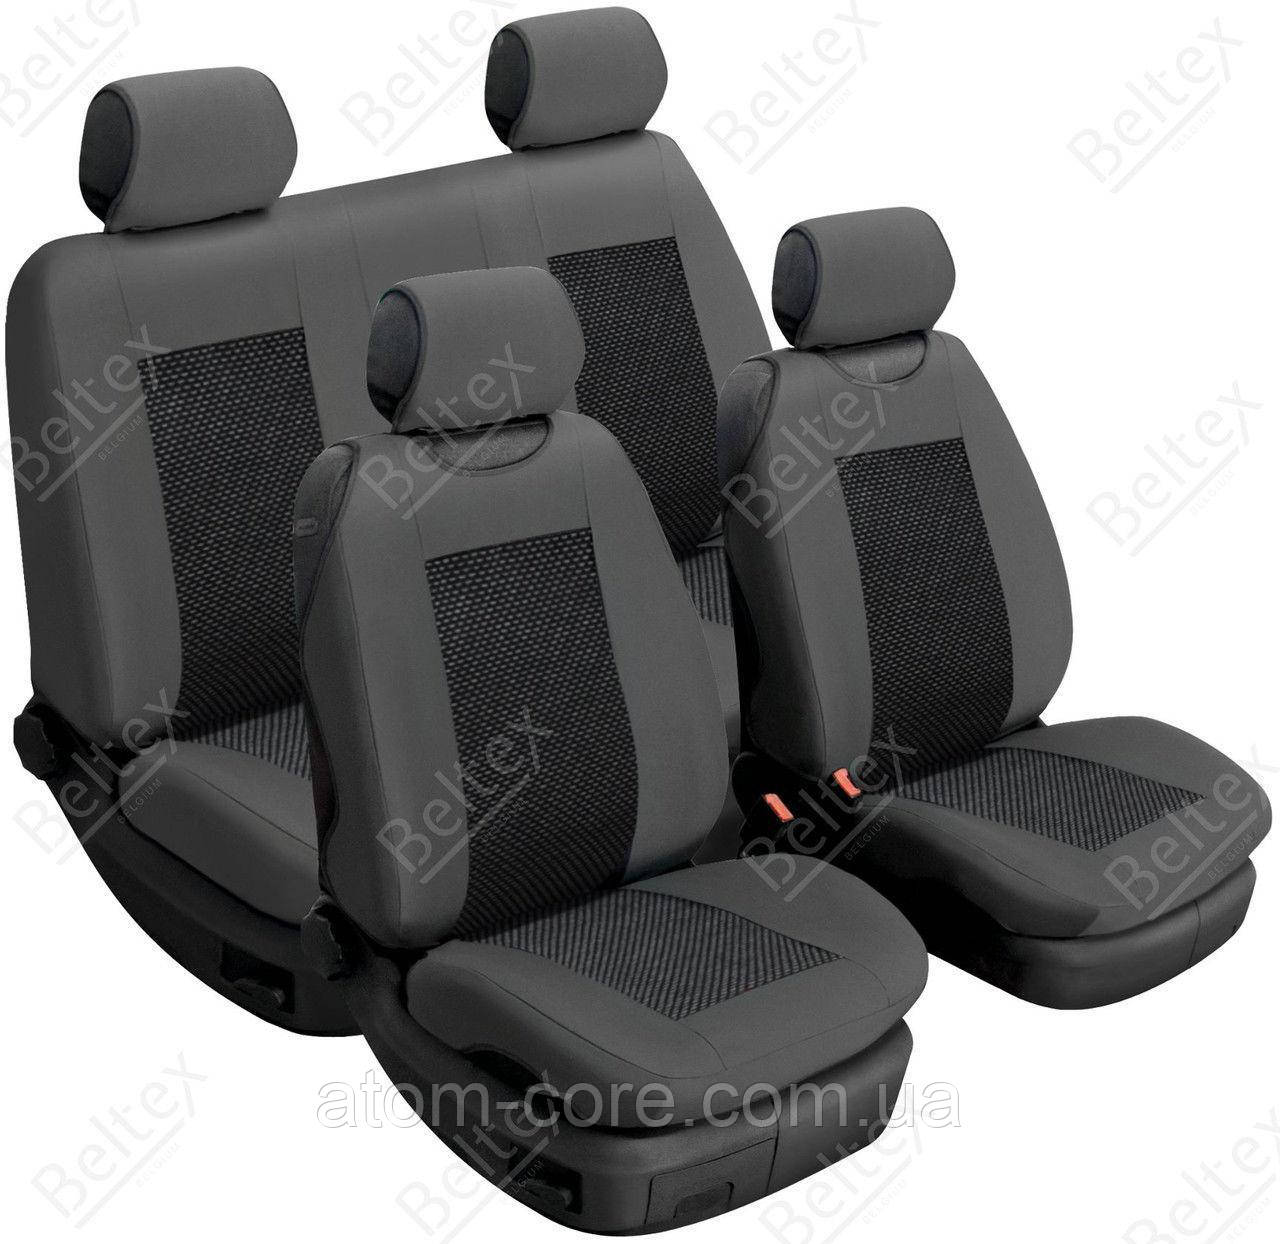 Майки/чехлы на сиденья Тойота Приус (Toyota Prius)